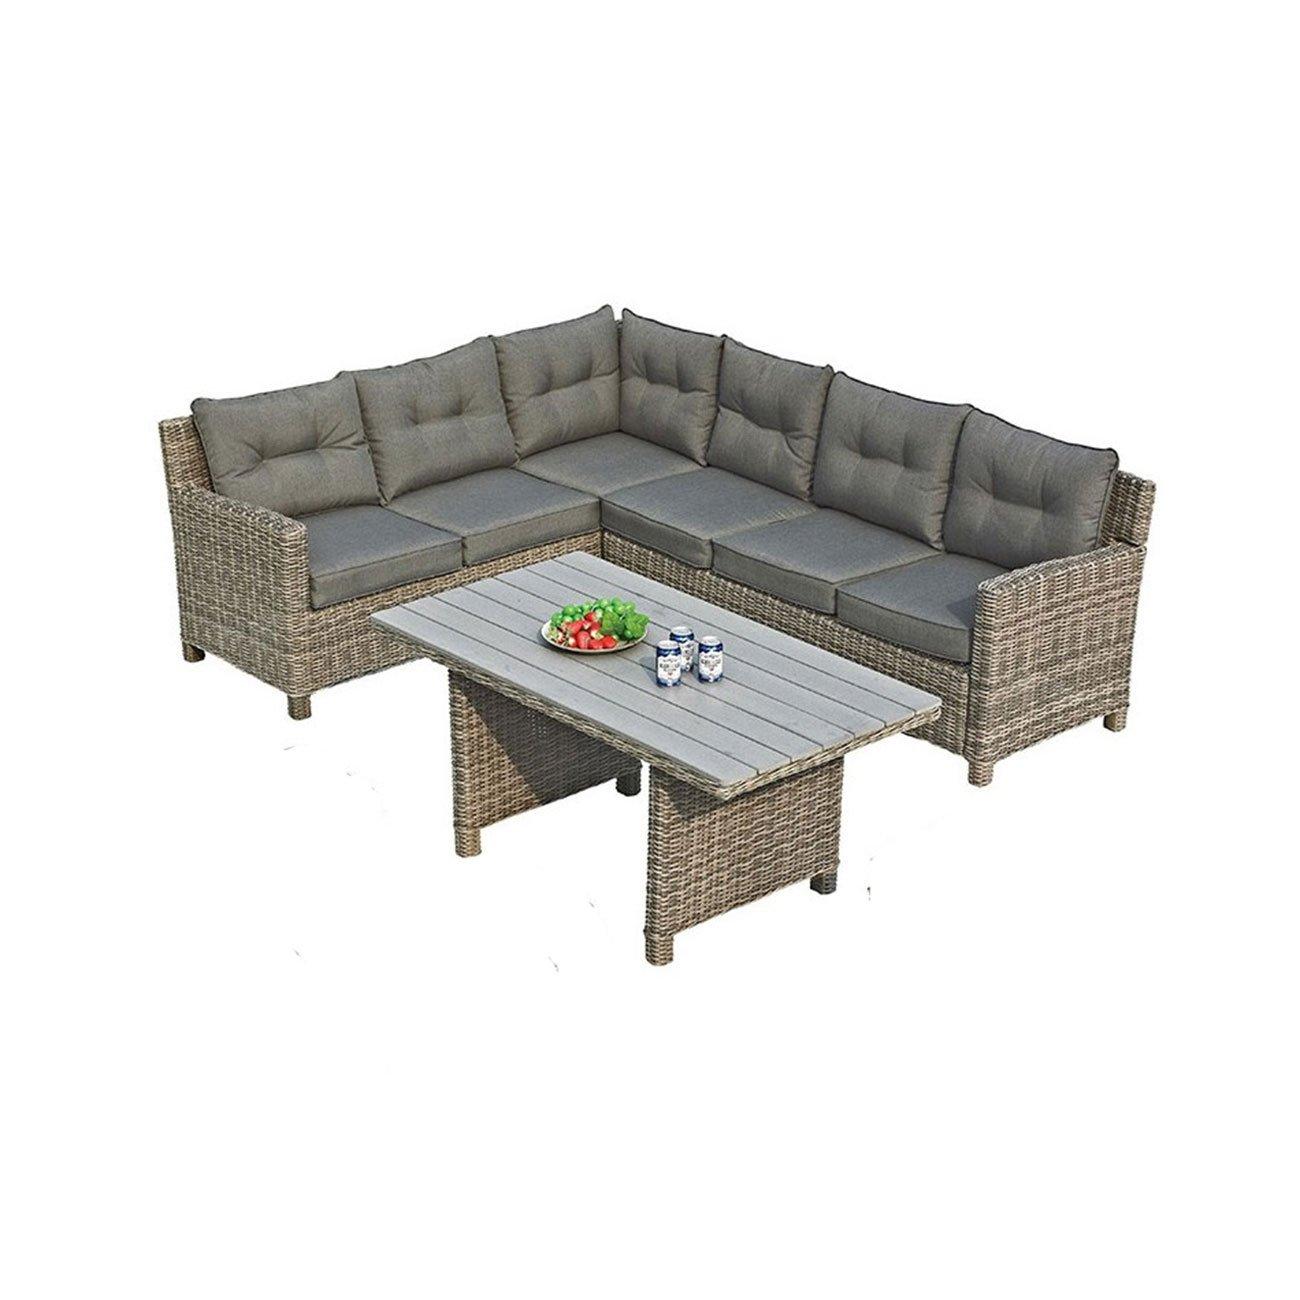 Gartenlounge OUTLIV. Minesota Dining-Loungeset links 3-teilig Geflecht Kubu / Kissen Sand 700016-835904